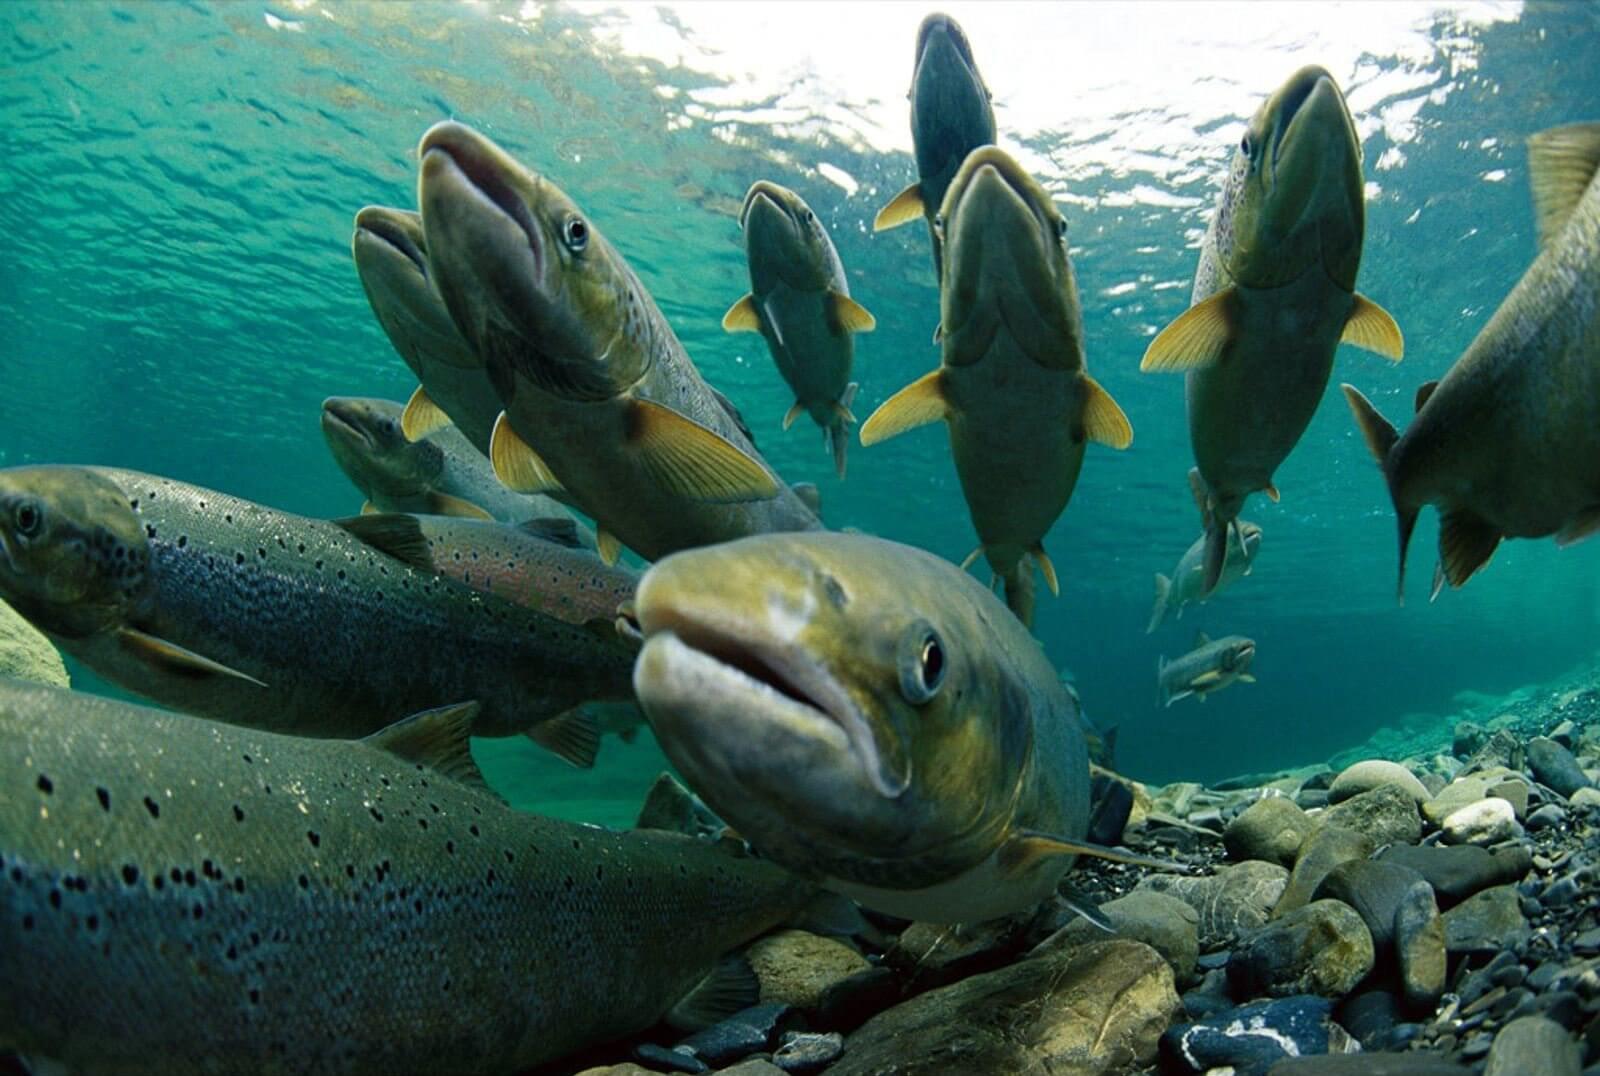 Горбуша: калорийность и БЖУ, польза и вред для организма, состав рыбы, полезна ли консервированная, можно ли есть при панкреатите и на диете